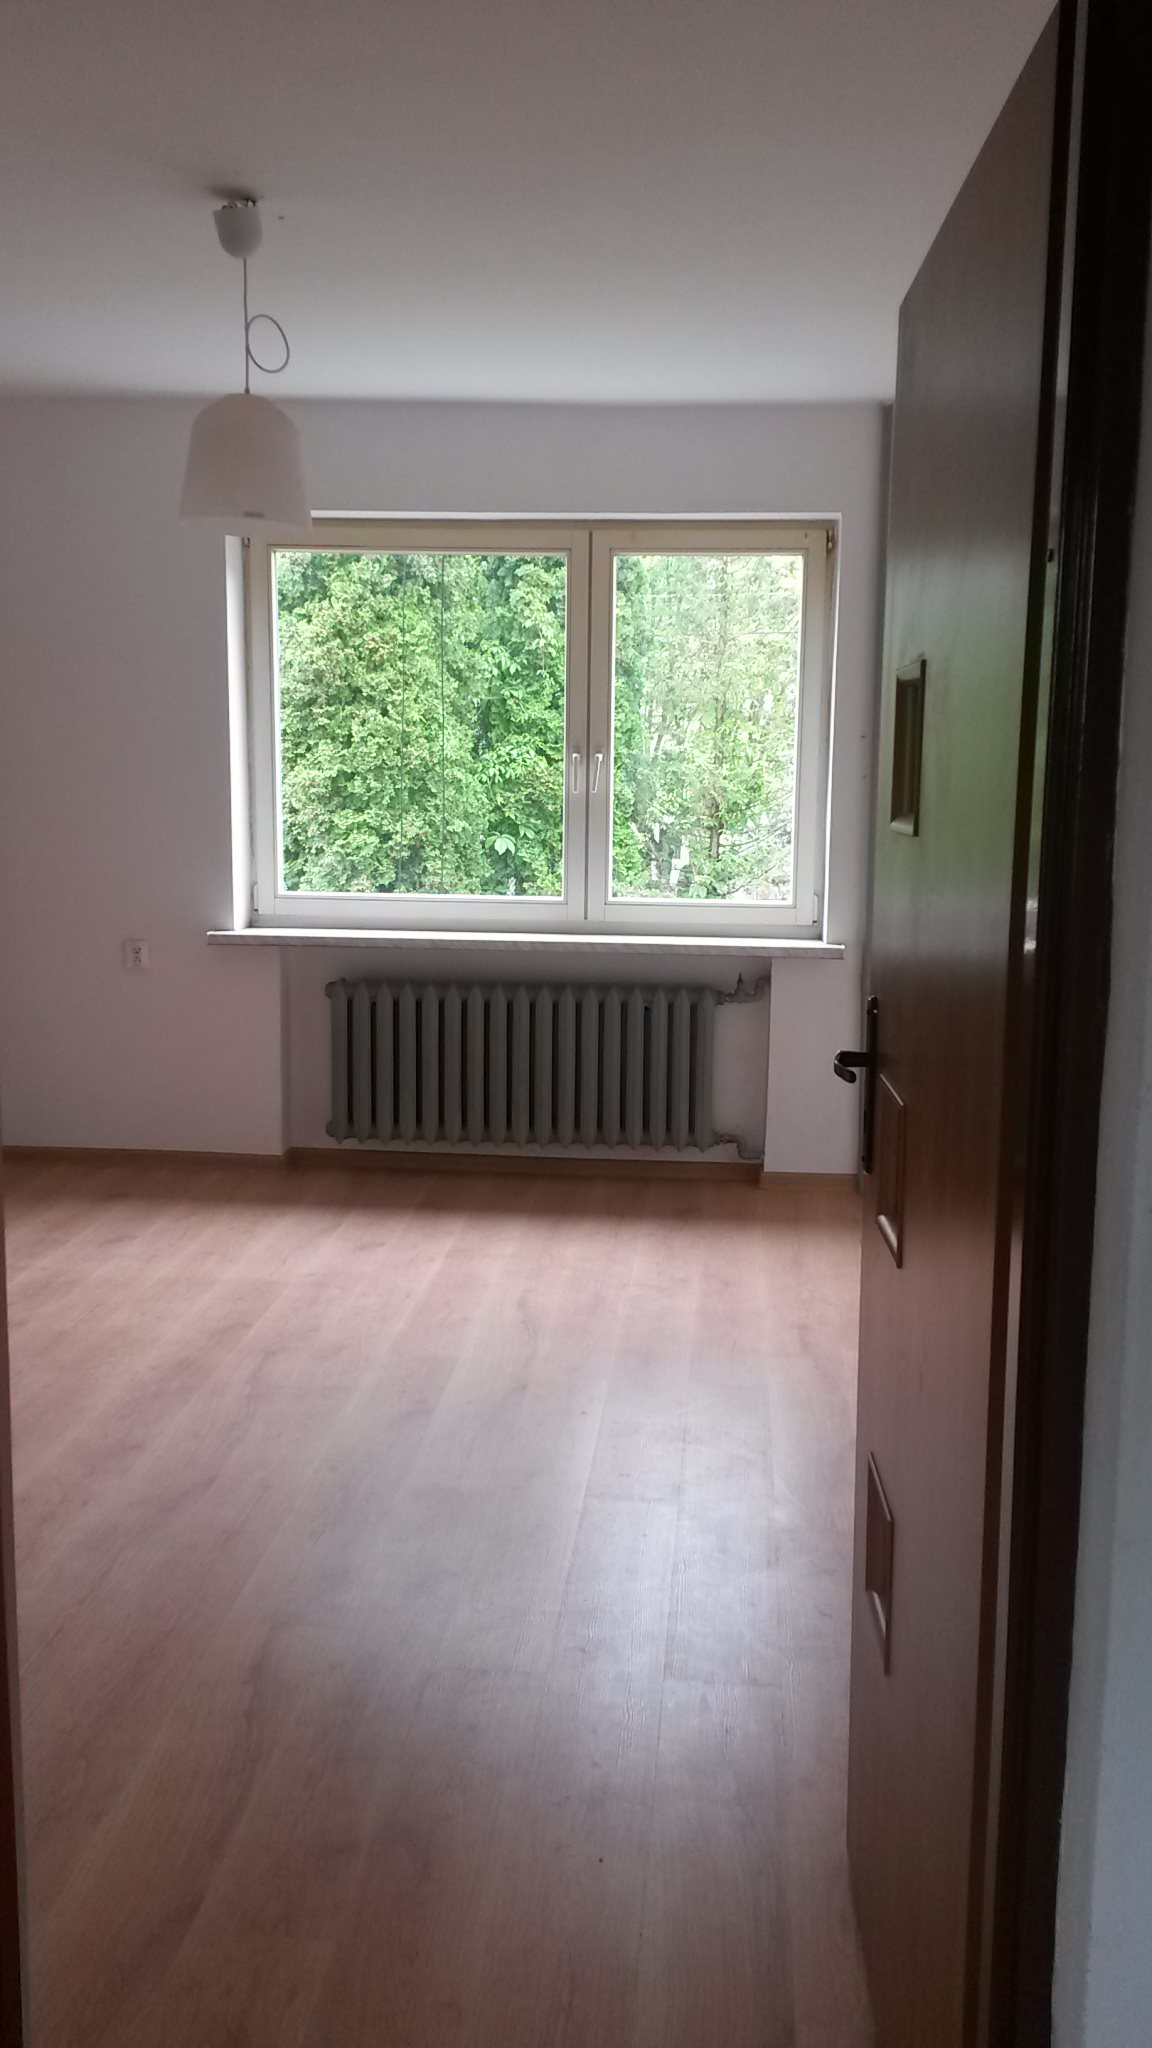 Dom na wynajem Łódź, Widzew, Gajcego  280m2 Foto 1